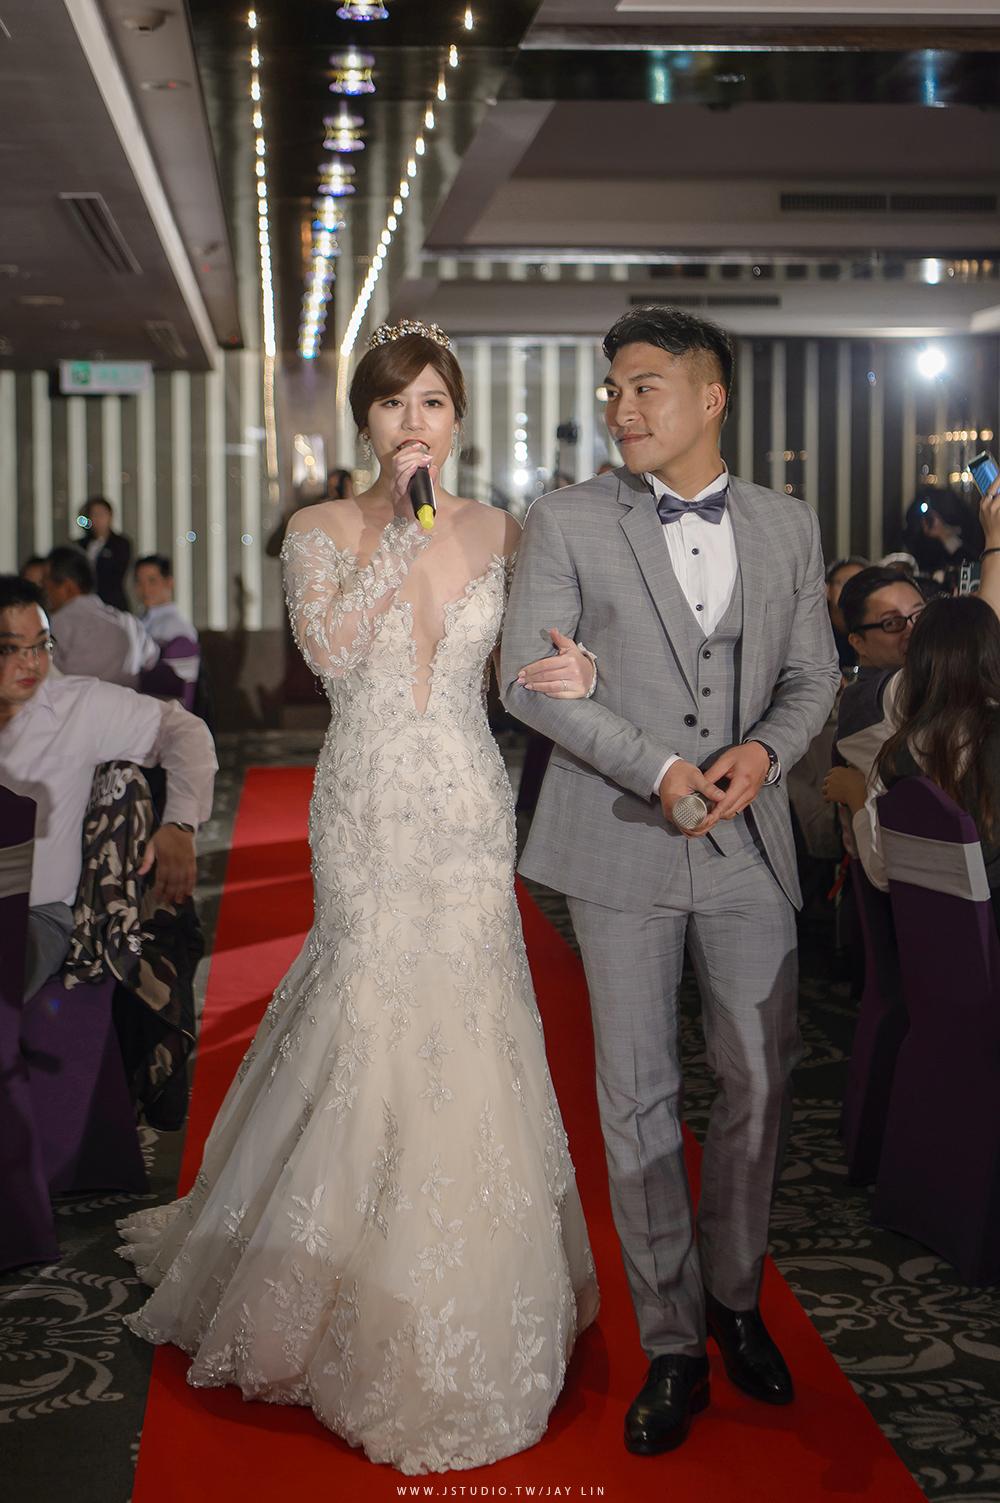 婚攝 台北婚攝 婚禮紀錄 婚攝 推薦婚攝 世貿三三 JSTUDIO_0097